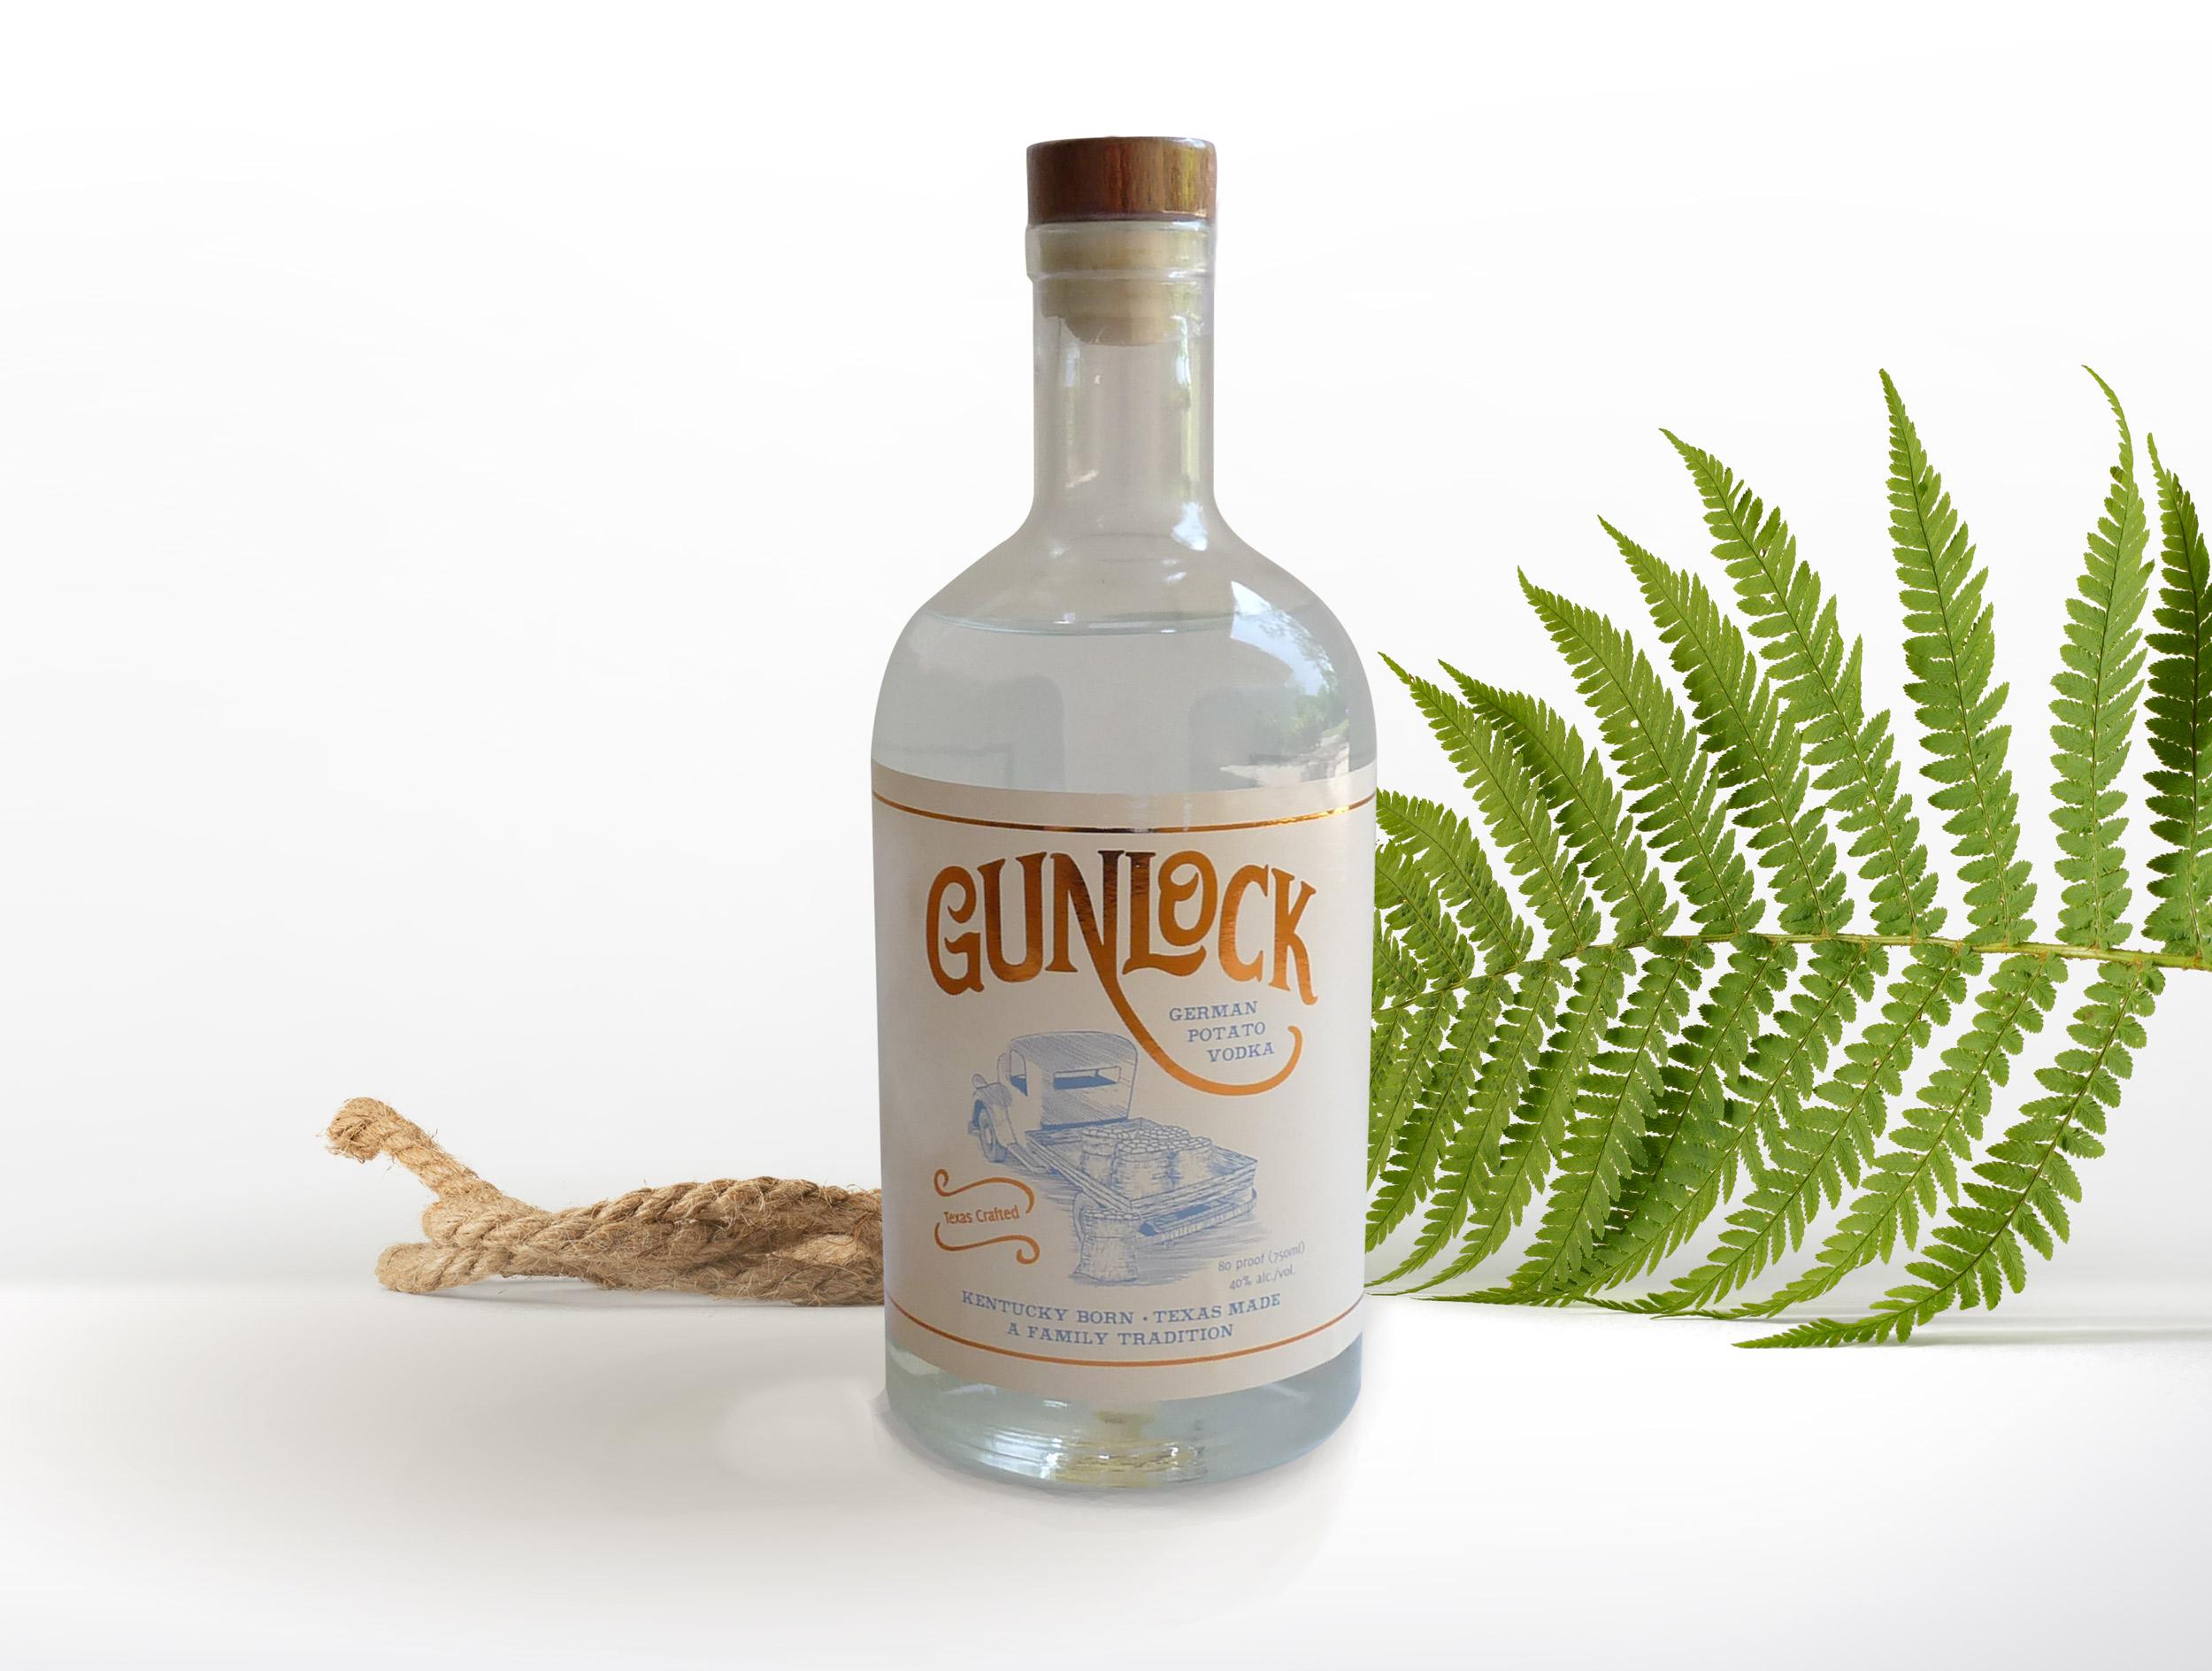 gunlock_Vodka_newv1.jpg